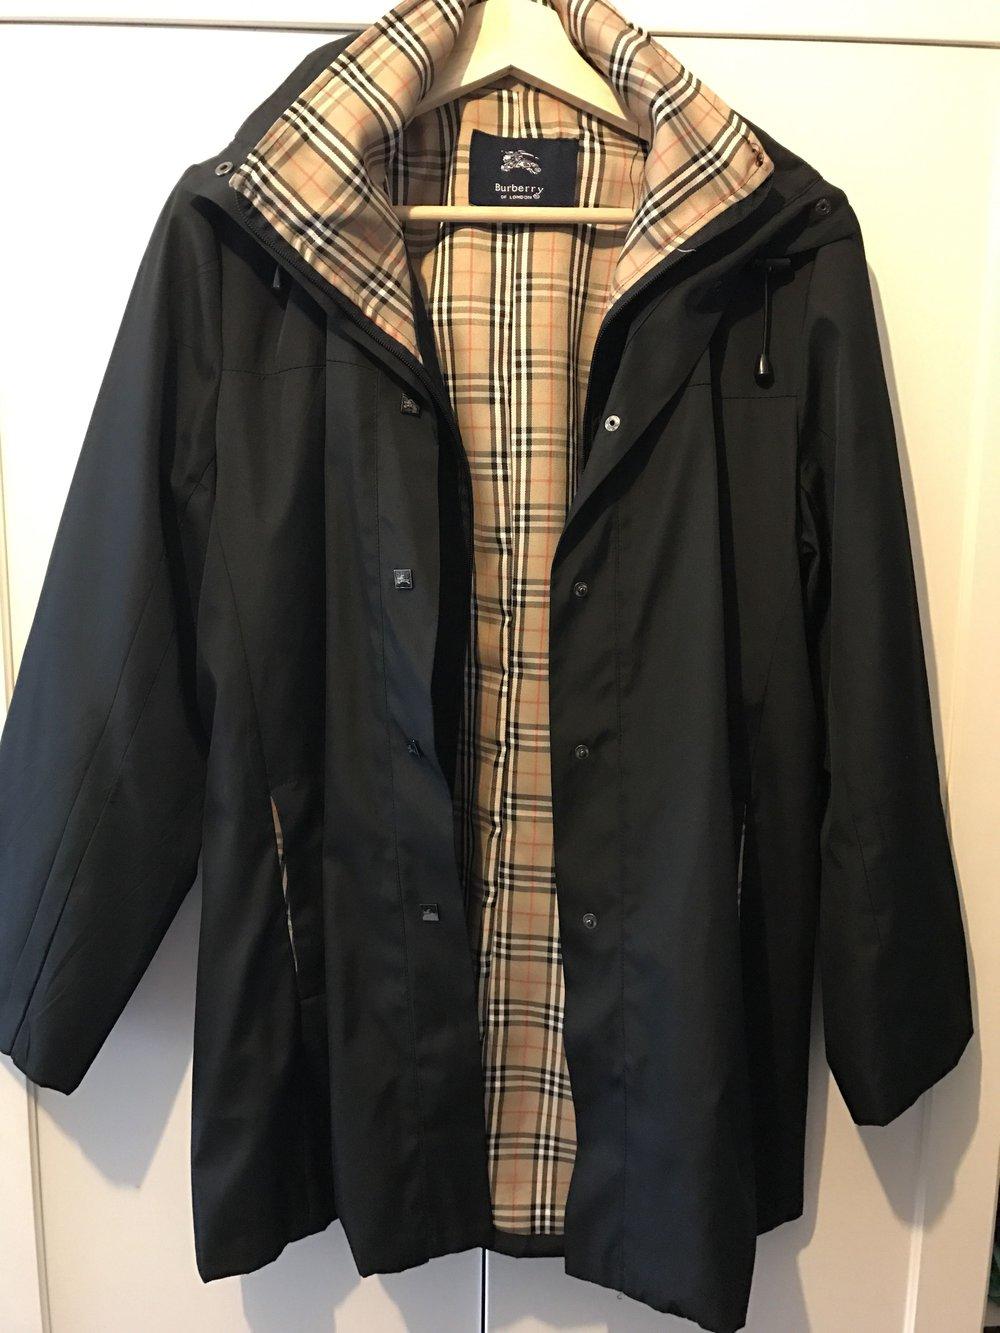 schön billig Freiraum suchen vielfältig Stile Burberry Jacke in schwarz